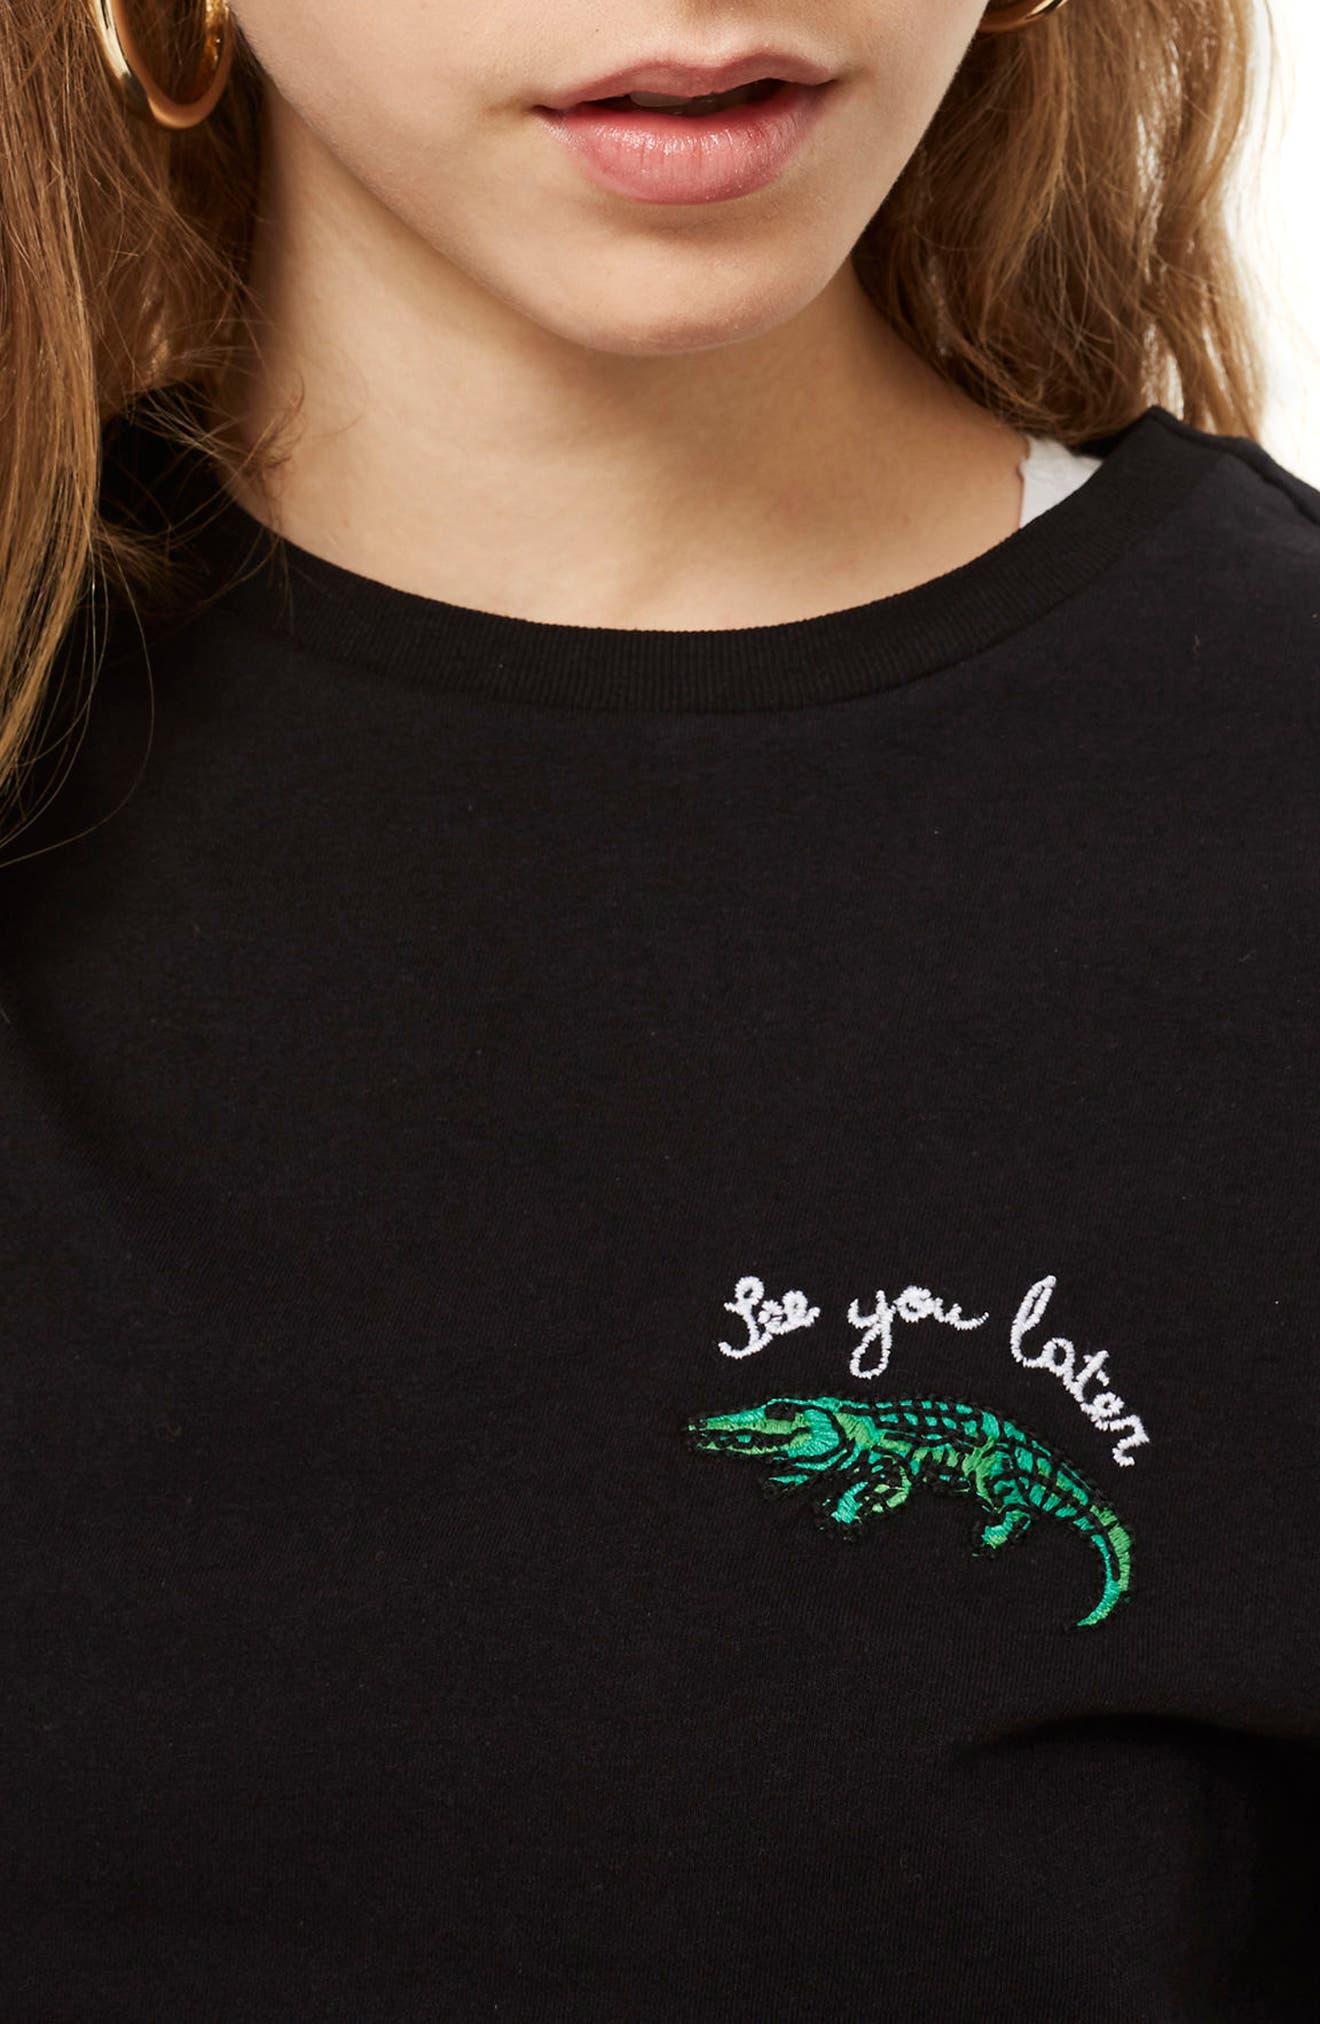 Alligator T-Shirt,                             Alternate thumbnail 3, color,                             Black Multi